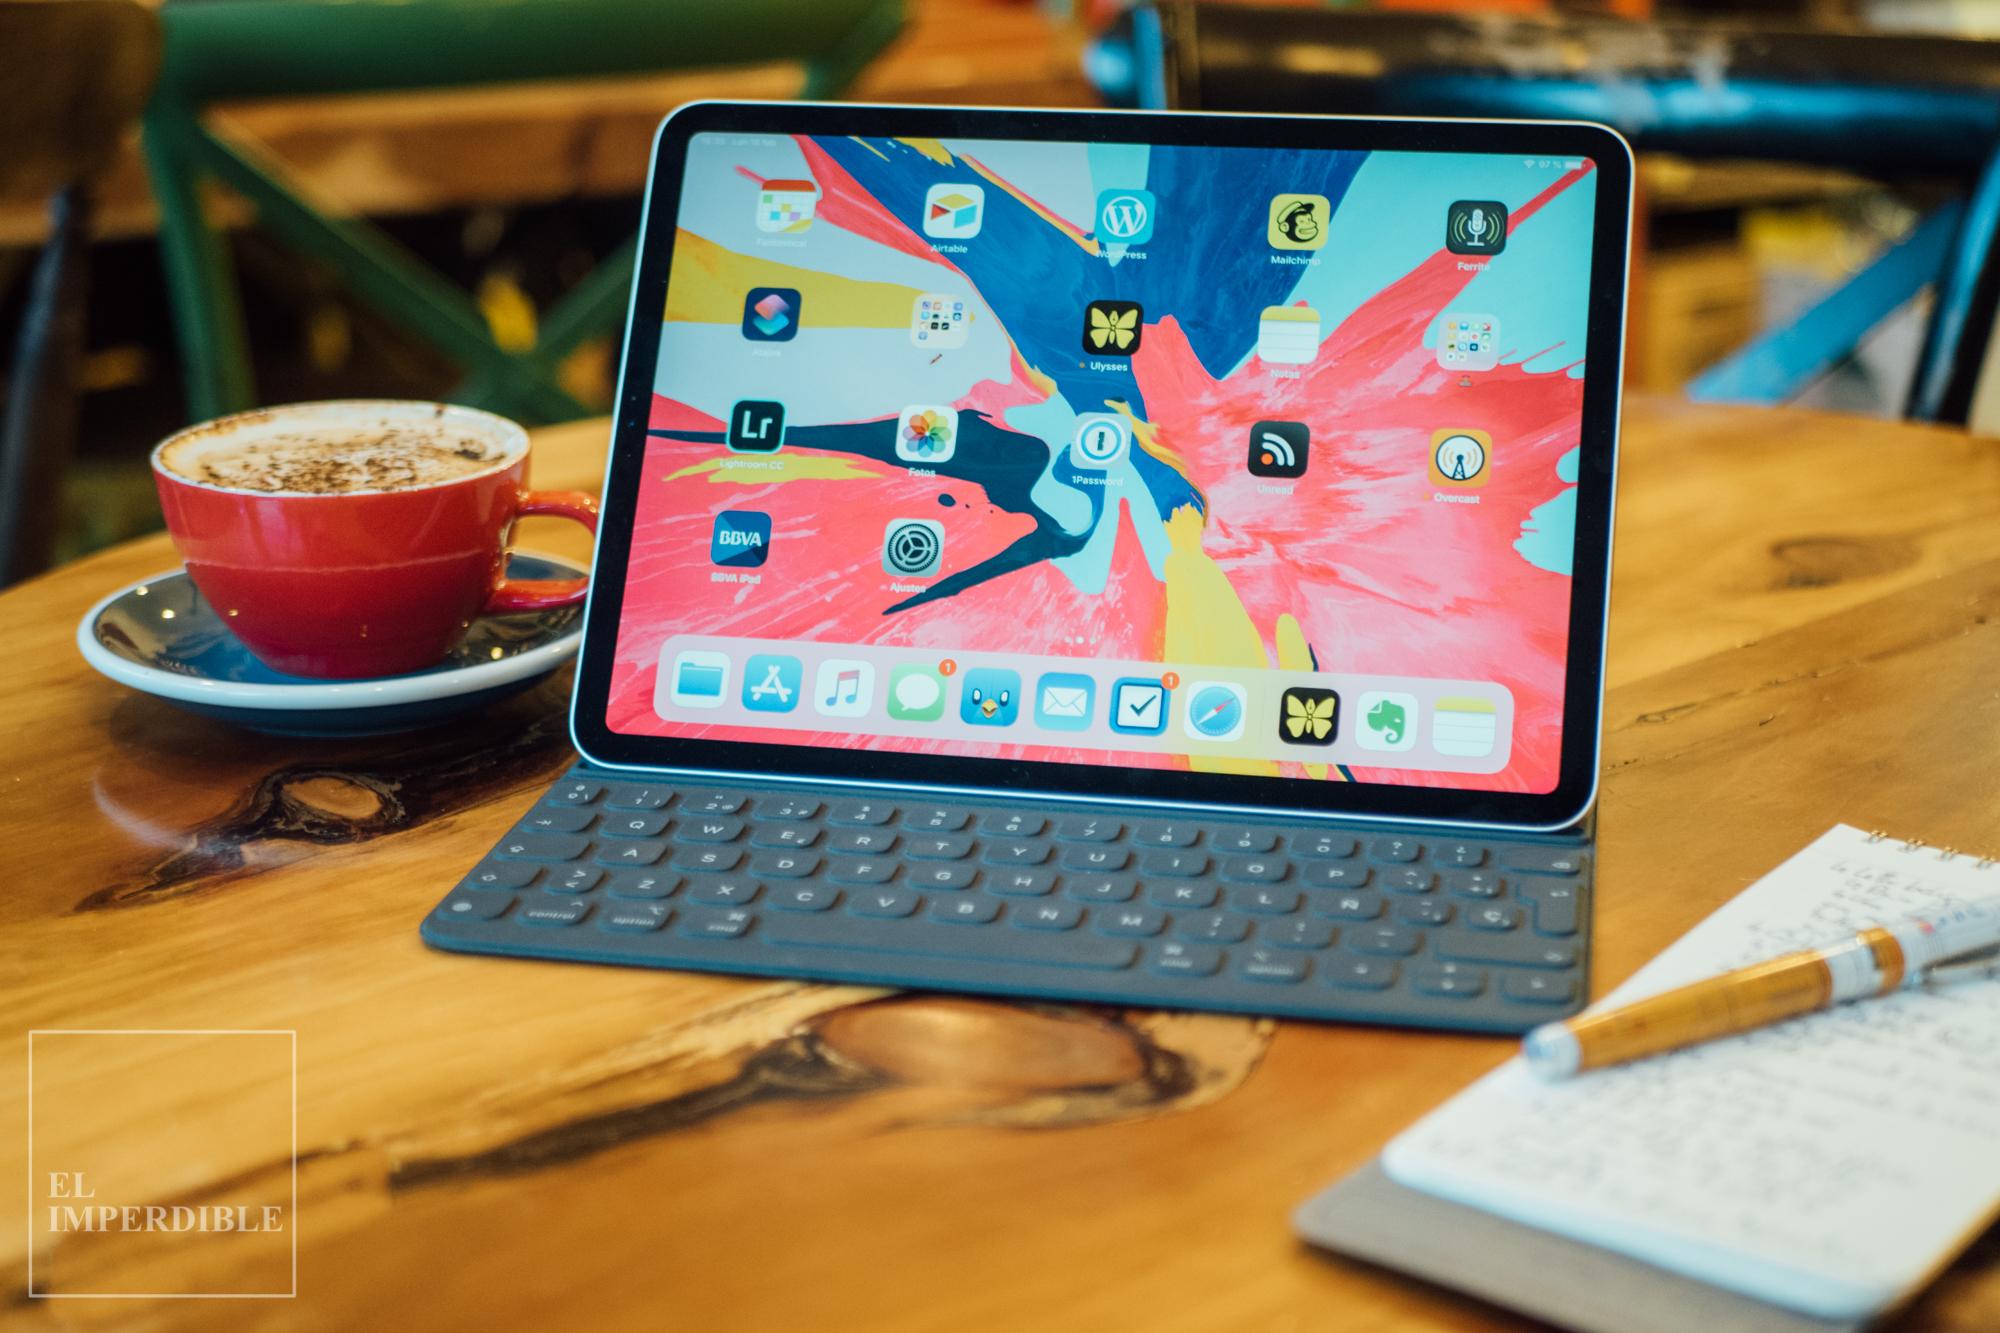 Qué llevo en mi mochila de trabajo iPad Pro 11 Smart Keyboard Folio